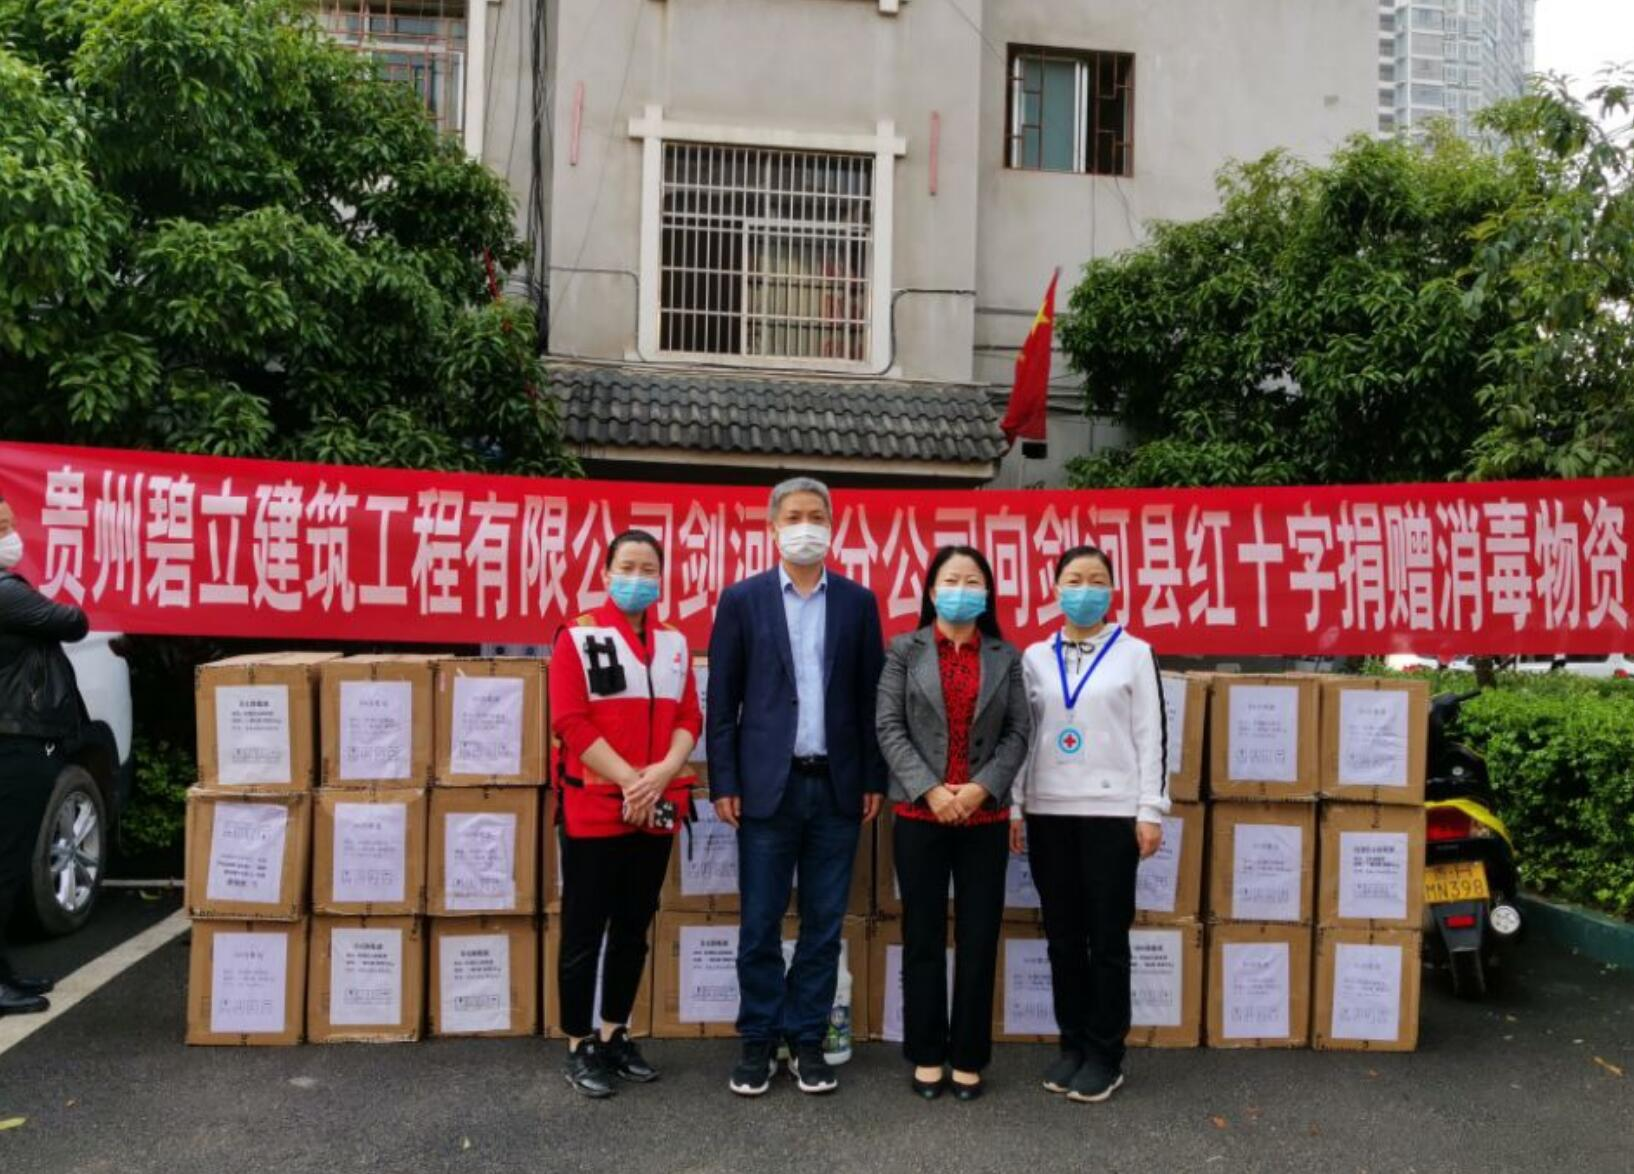 贵州剑河县:爱心企业捐赠抗疫物资助力全县群众健康